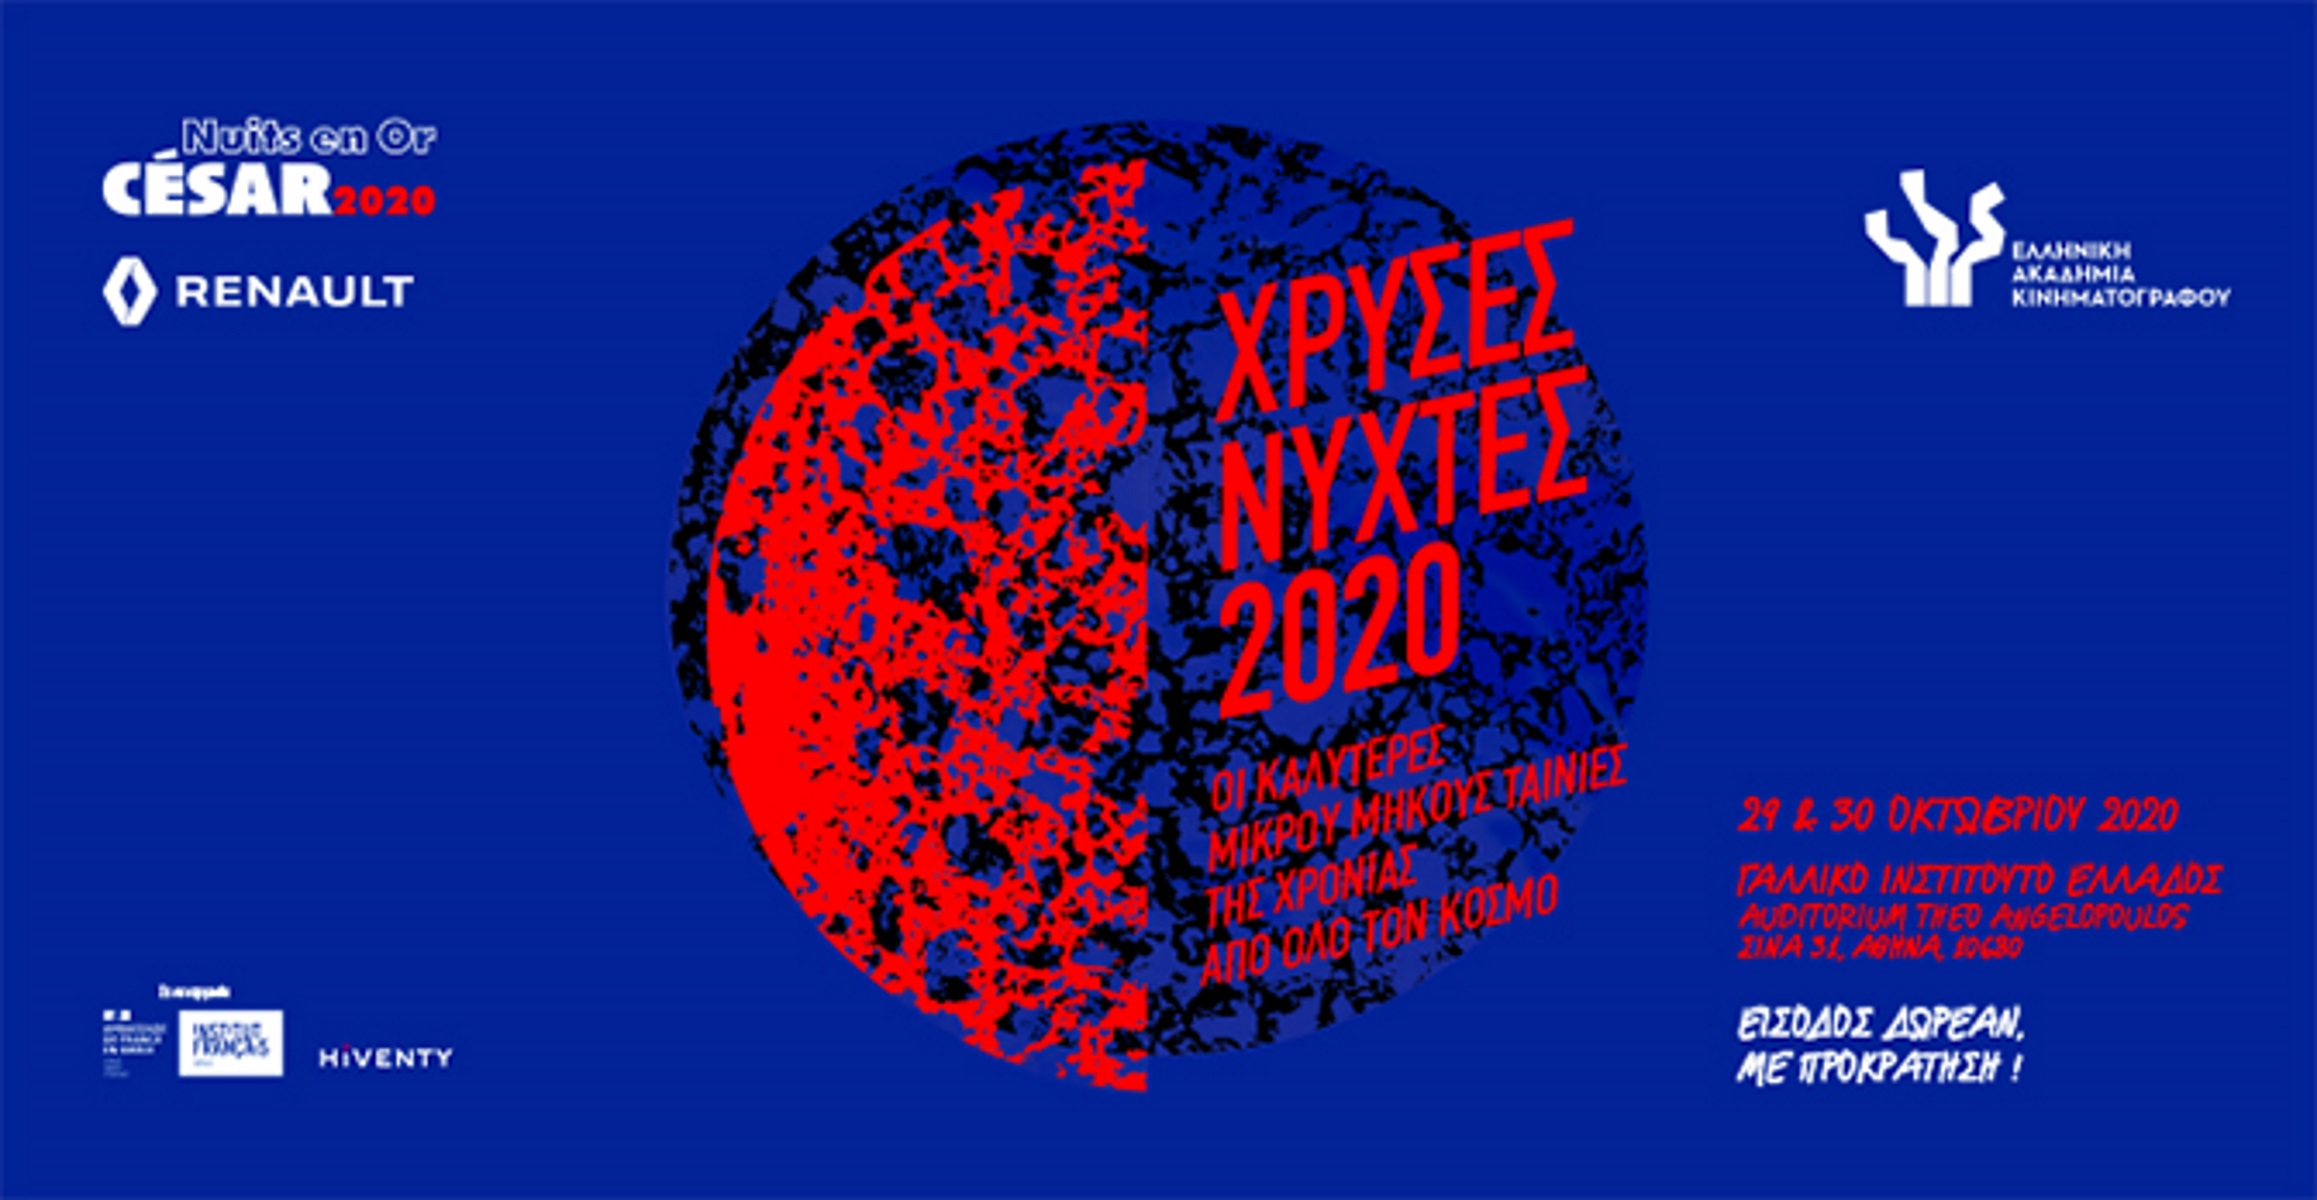 «Χρυσές Νύχτες 2020»: Οι καλύτερες μικρού μήκους της χρονιάς στο Γαλλικό Ινστιτούτο